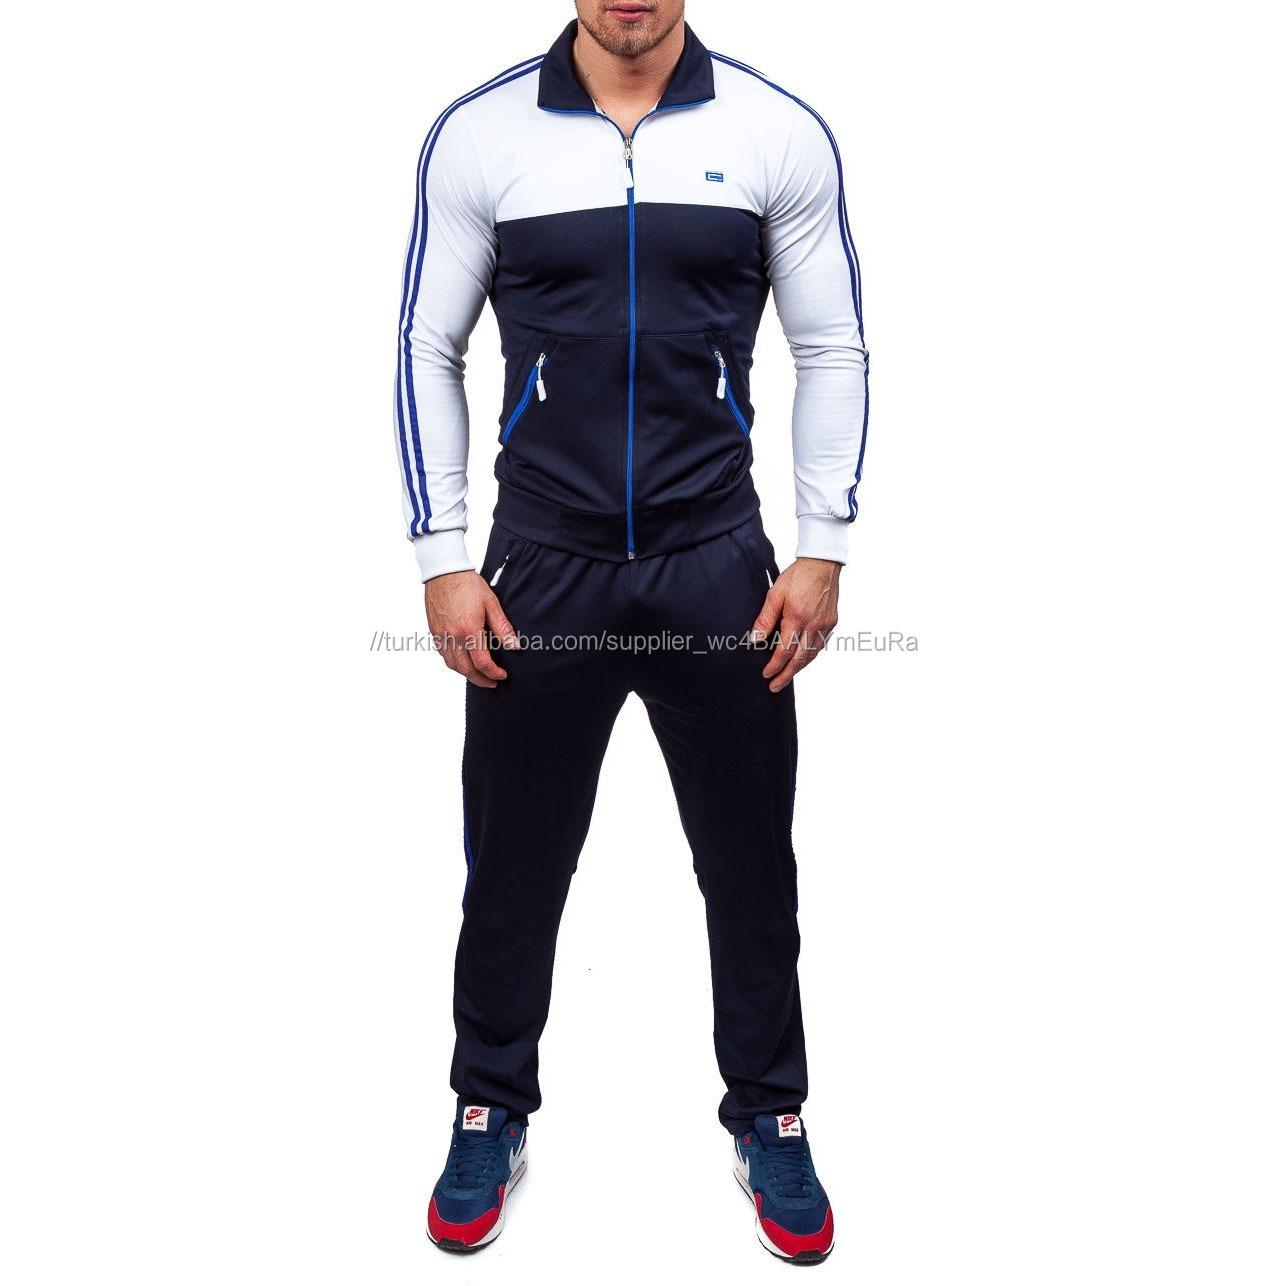 Erkek fermuar uzun kollu slim Fit eşofman takımları spor koşu Jogger spor giyim erkek yan çizgili şık eşofman